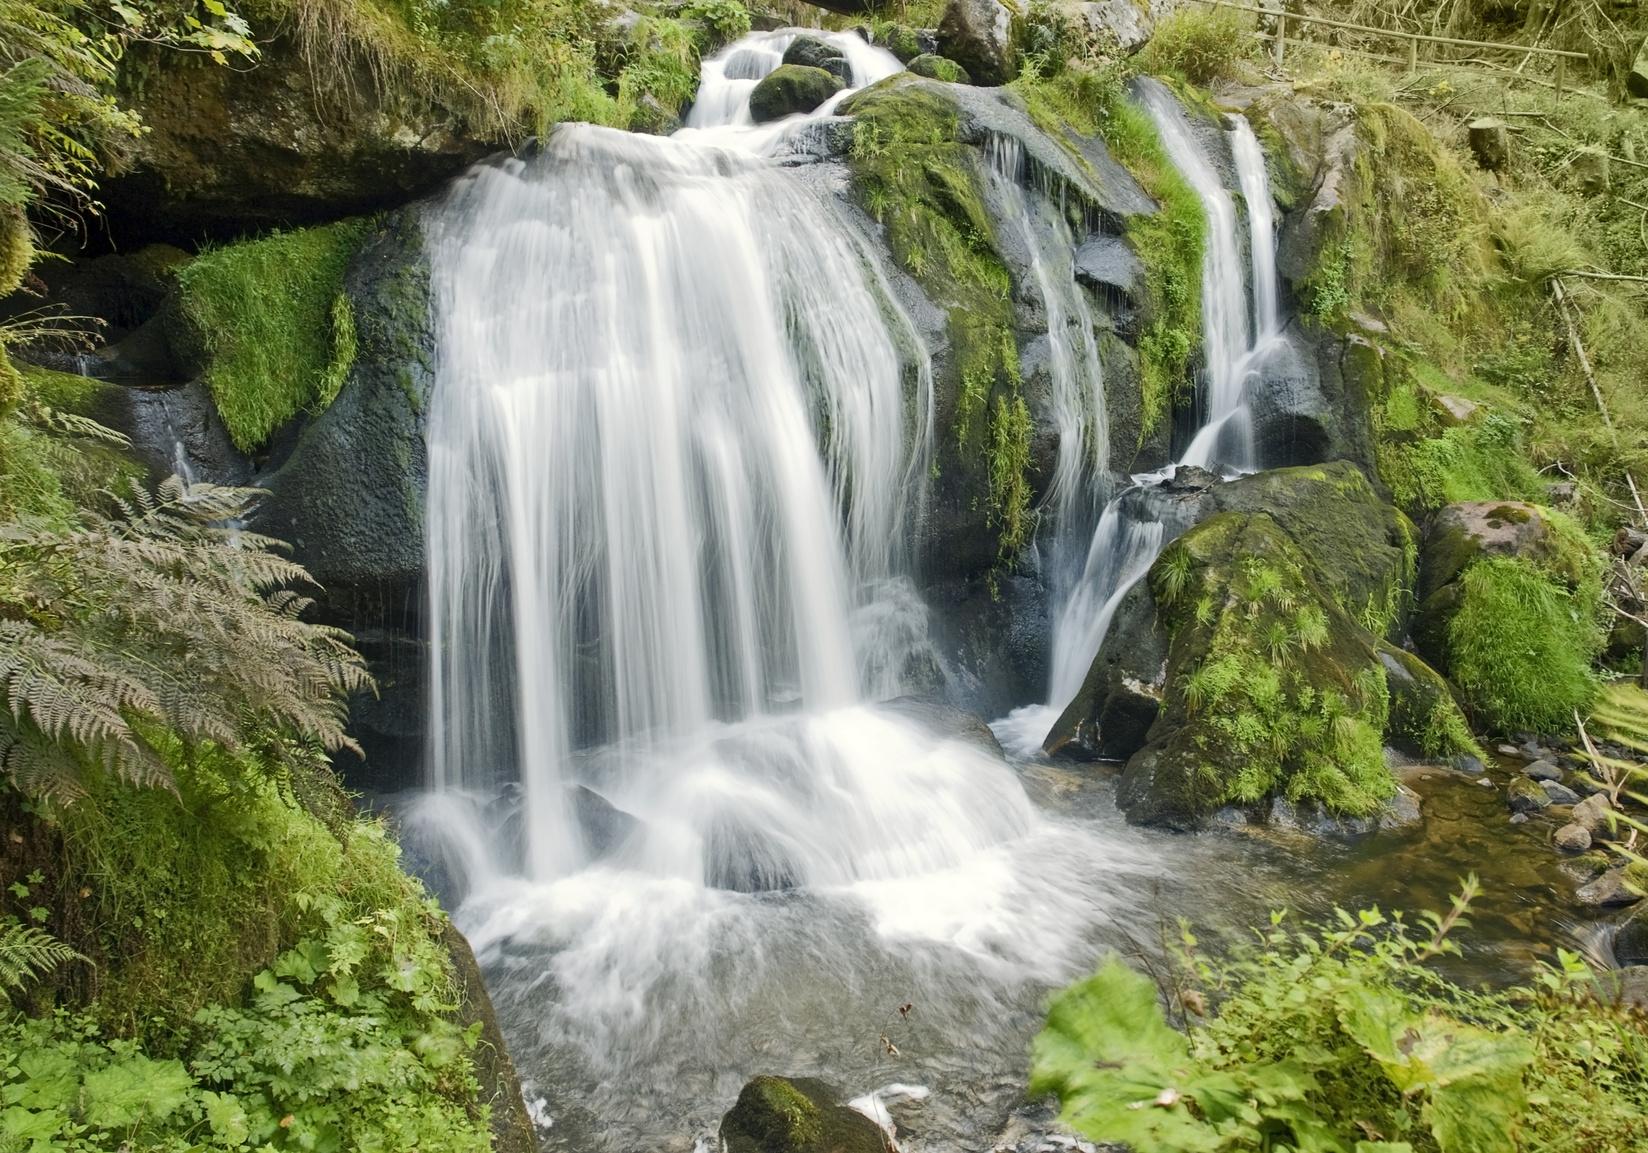 Die Wasserfälle bei Triberg: Ein Naturerlebnis, dass man nicht verpassen sollte. (#02)